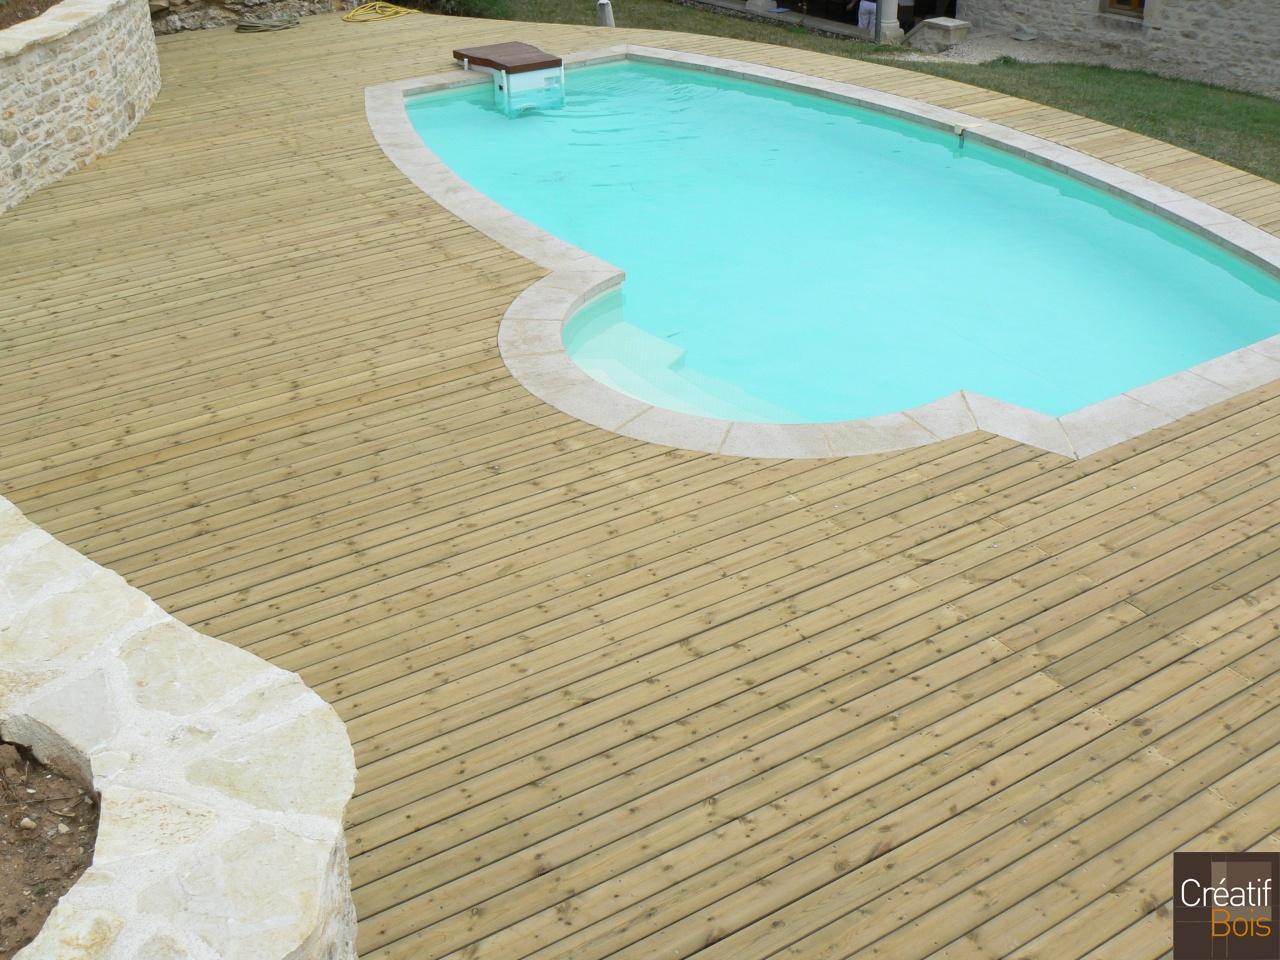 Plage de piscine espere 46 plages de piscine galerie for Piscine ambiance brive